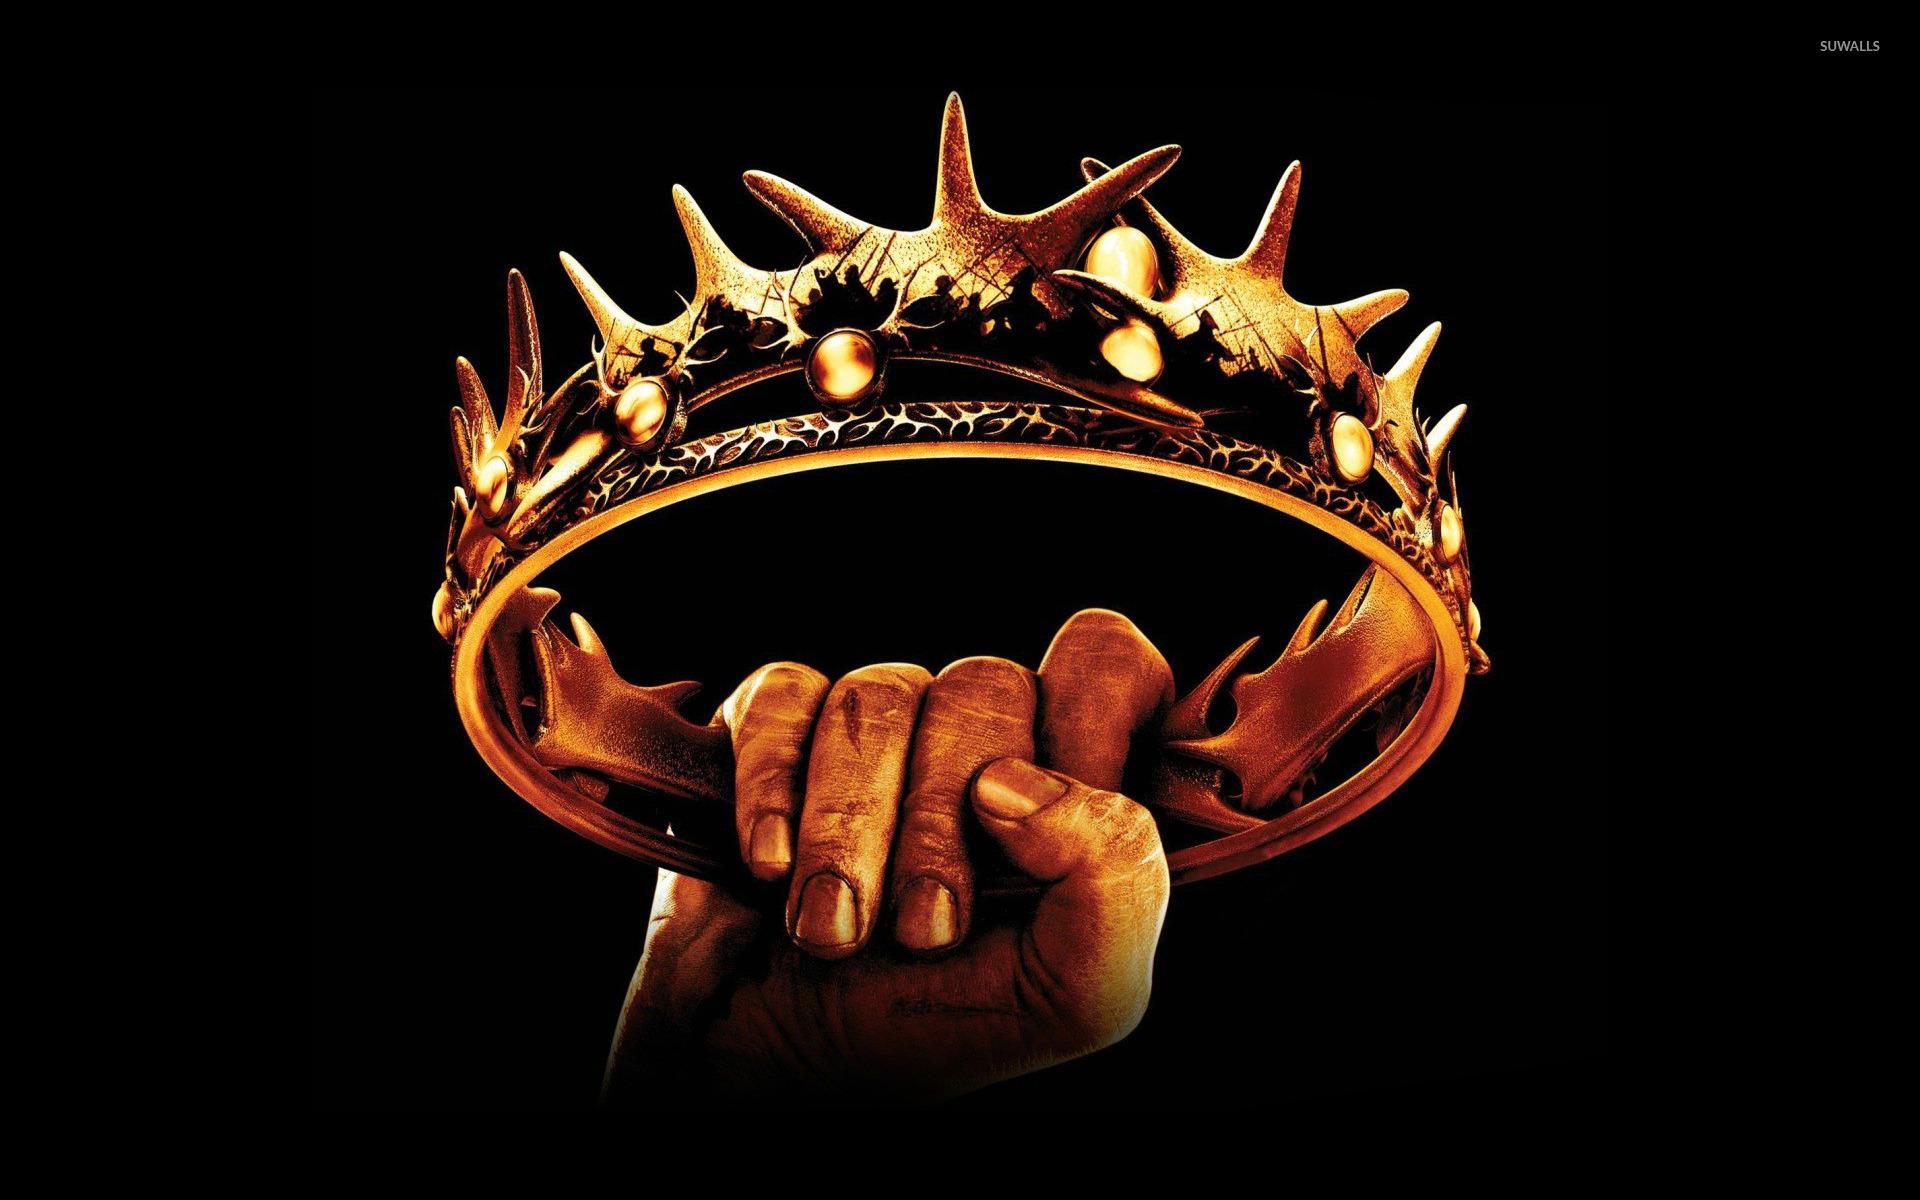 the kings crown